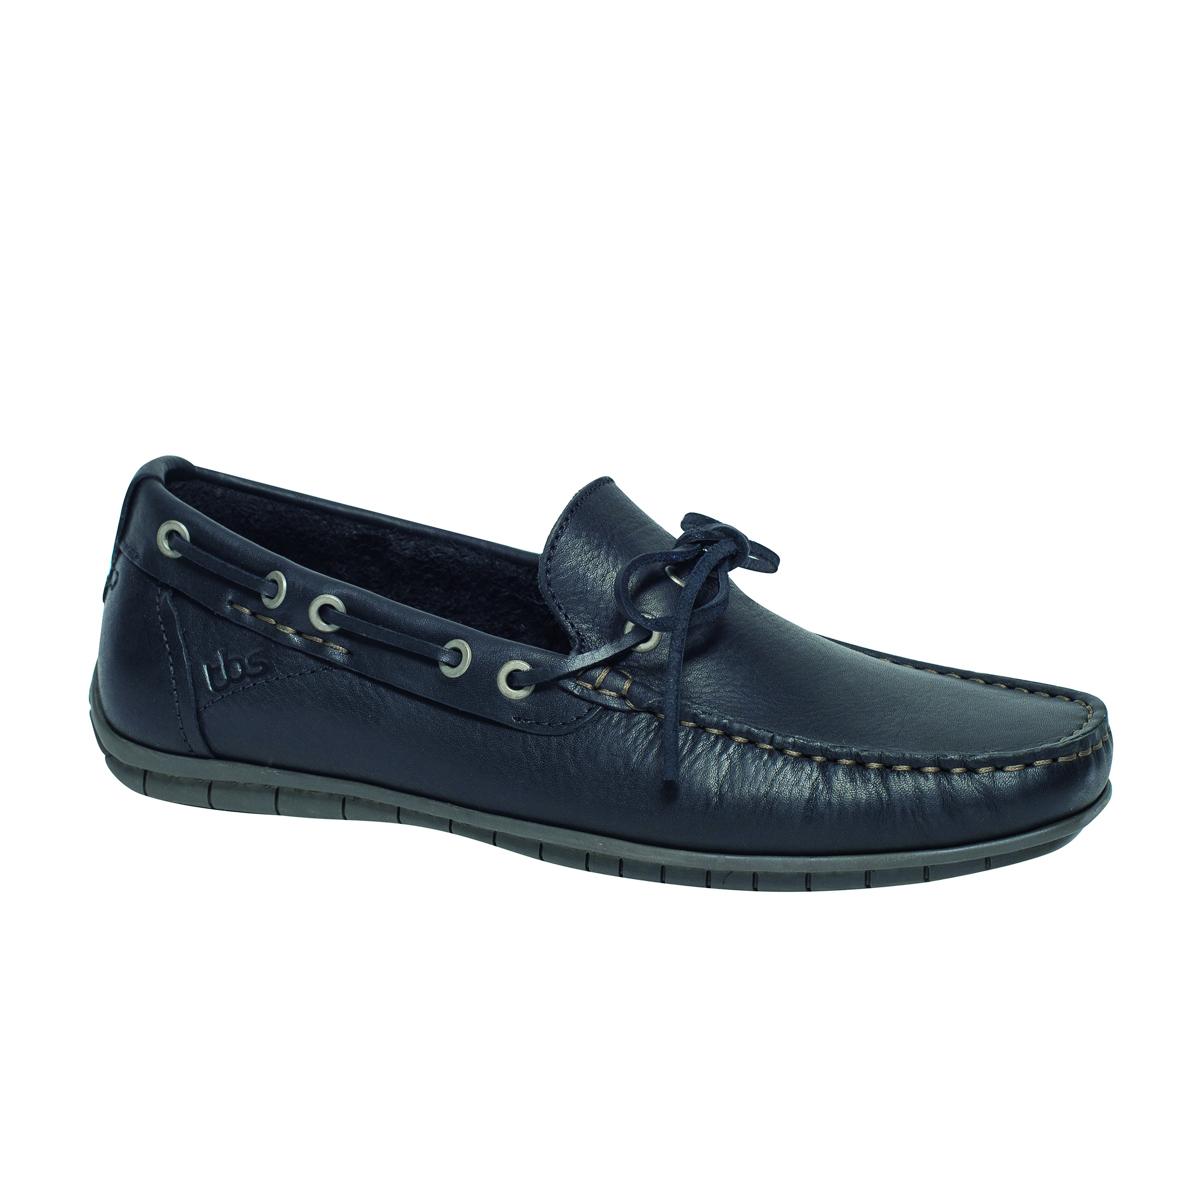 ТопсайдерыKLEVER-A8004Стильные мужские ботинки, комфортно и уверенно сидят на ноге, мысок прострочен, по бокам модель украшена декоративным шнурком. Верх модели регулируется шнуровкой.